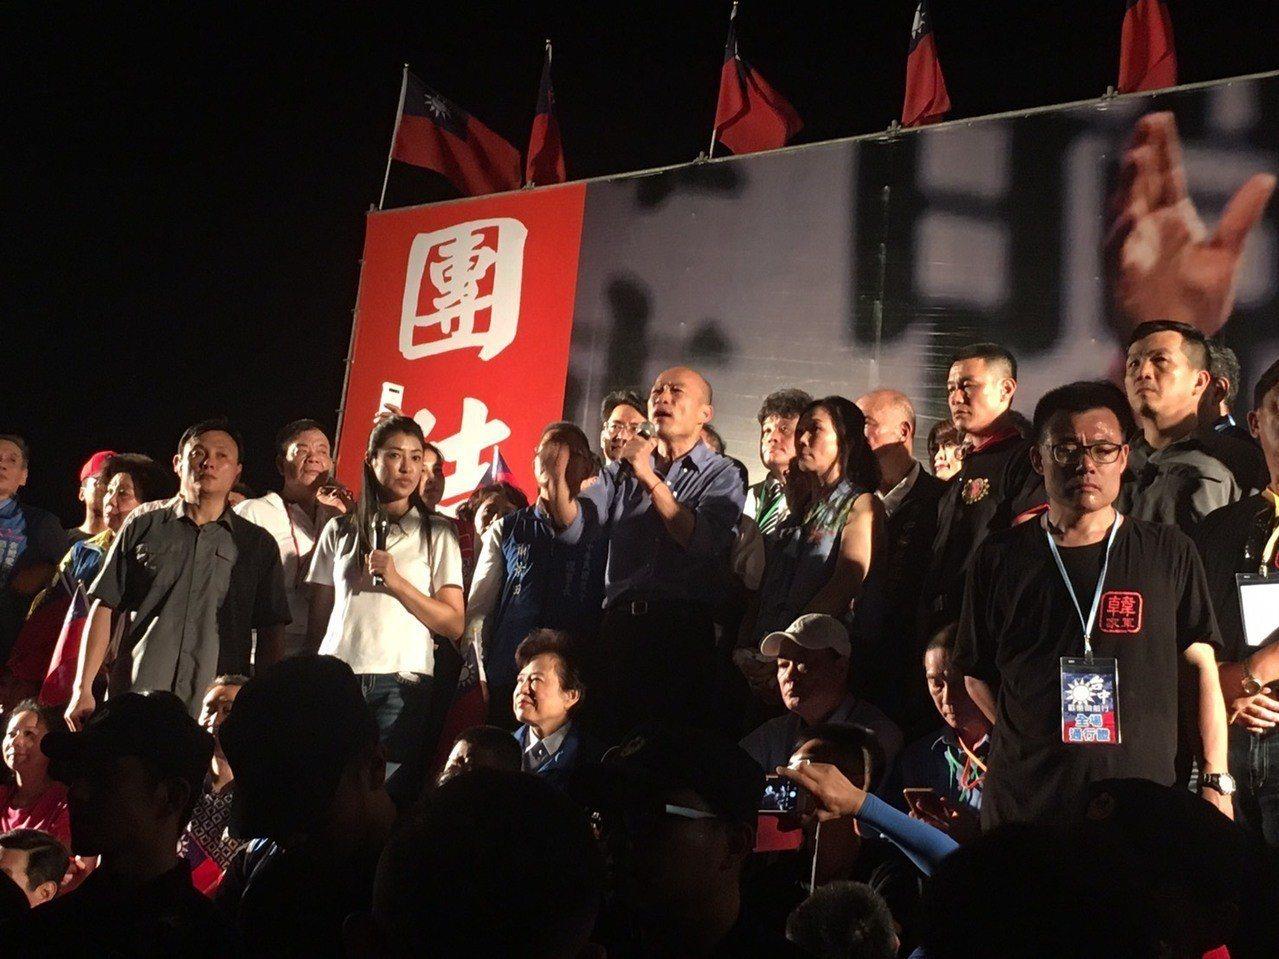 高雄市長韓國瑜台中造勢,晚間發表演說談到綠營民調到「公投法」,他痛批「民進黨得到...